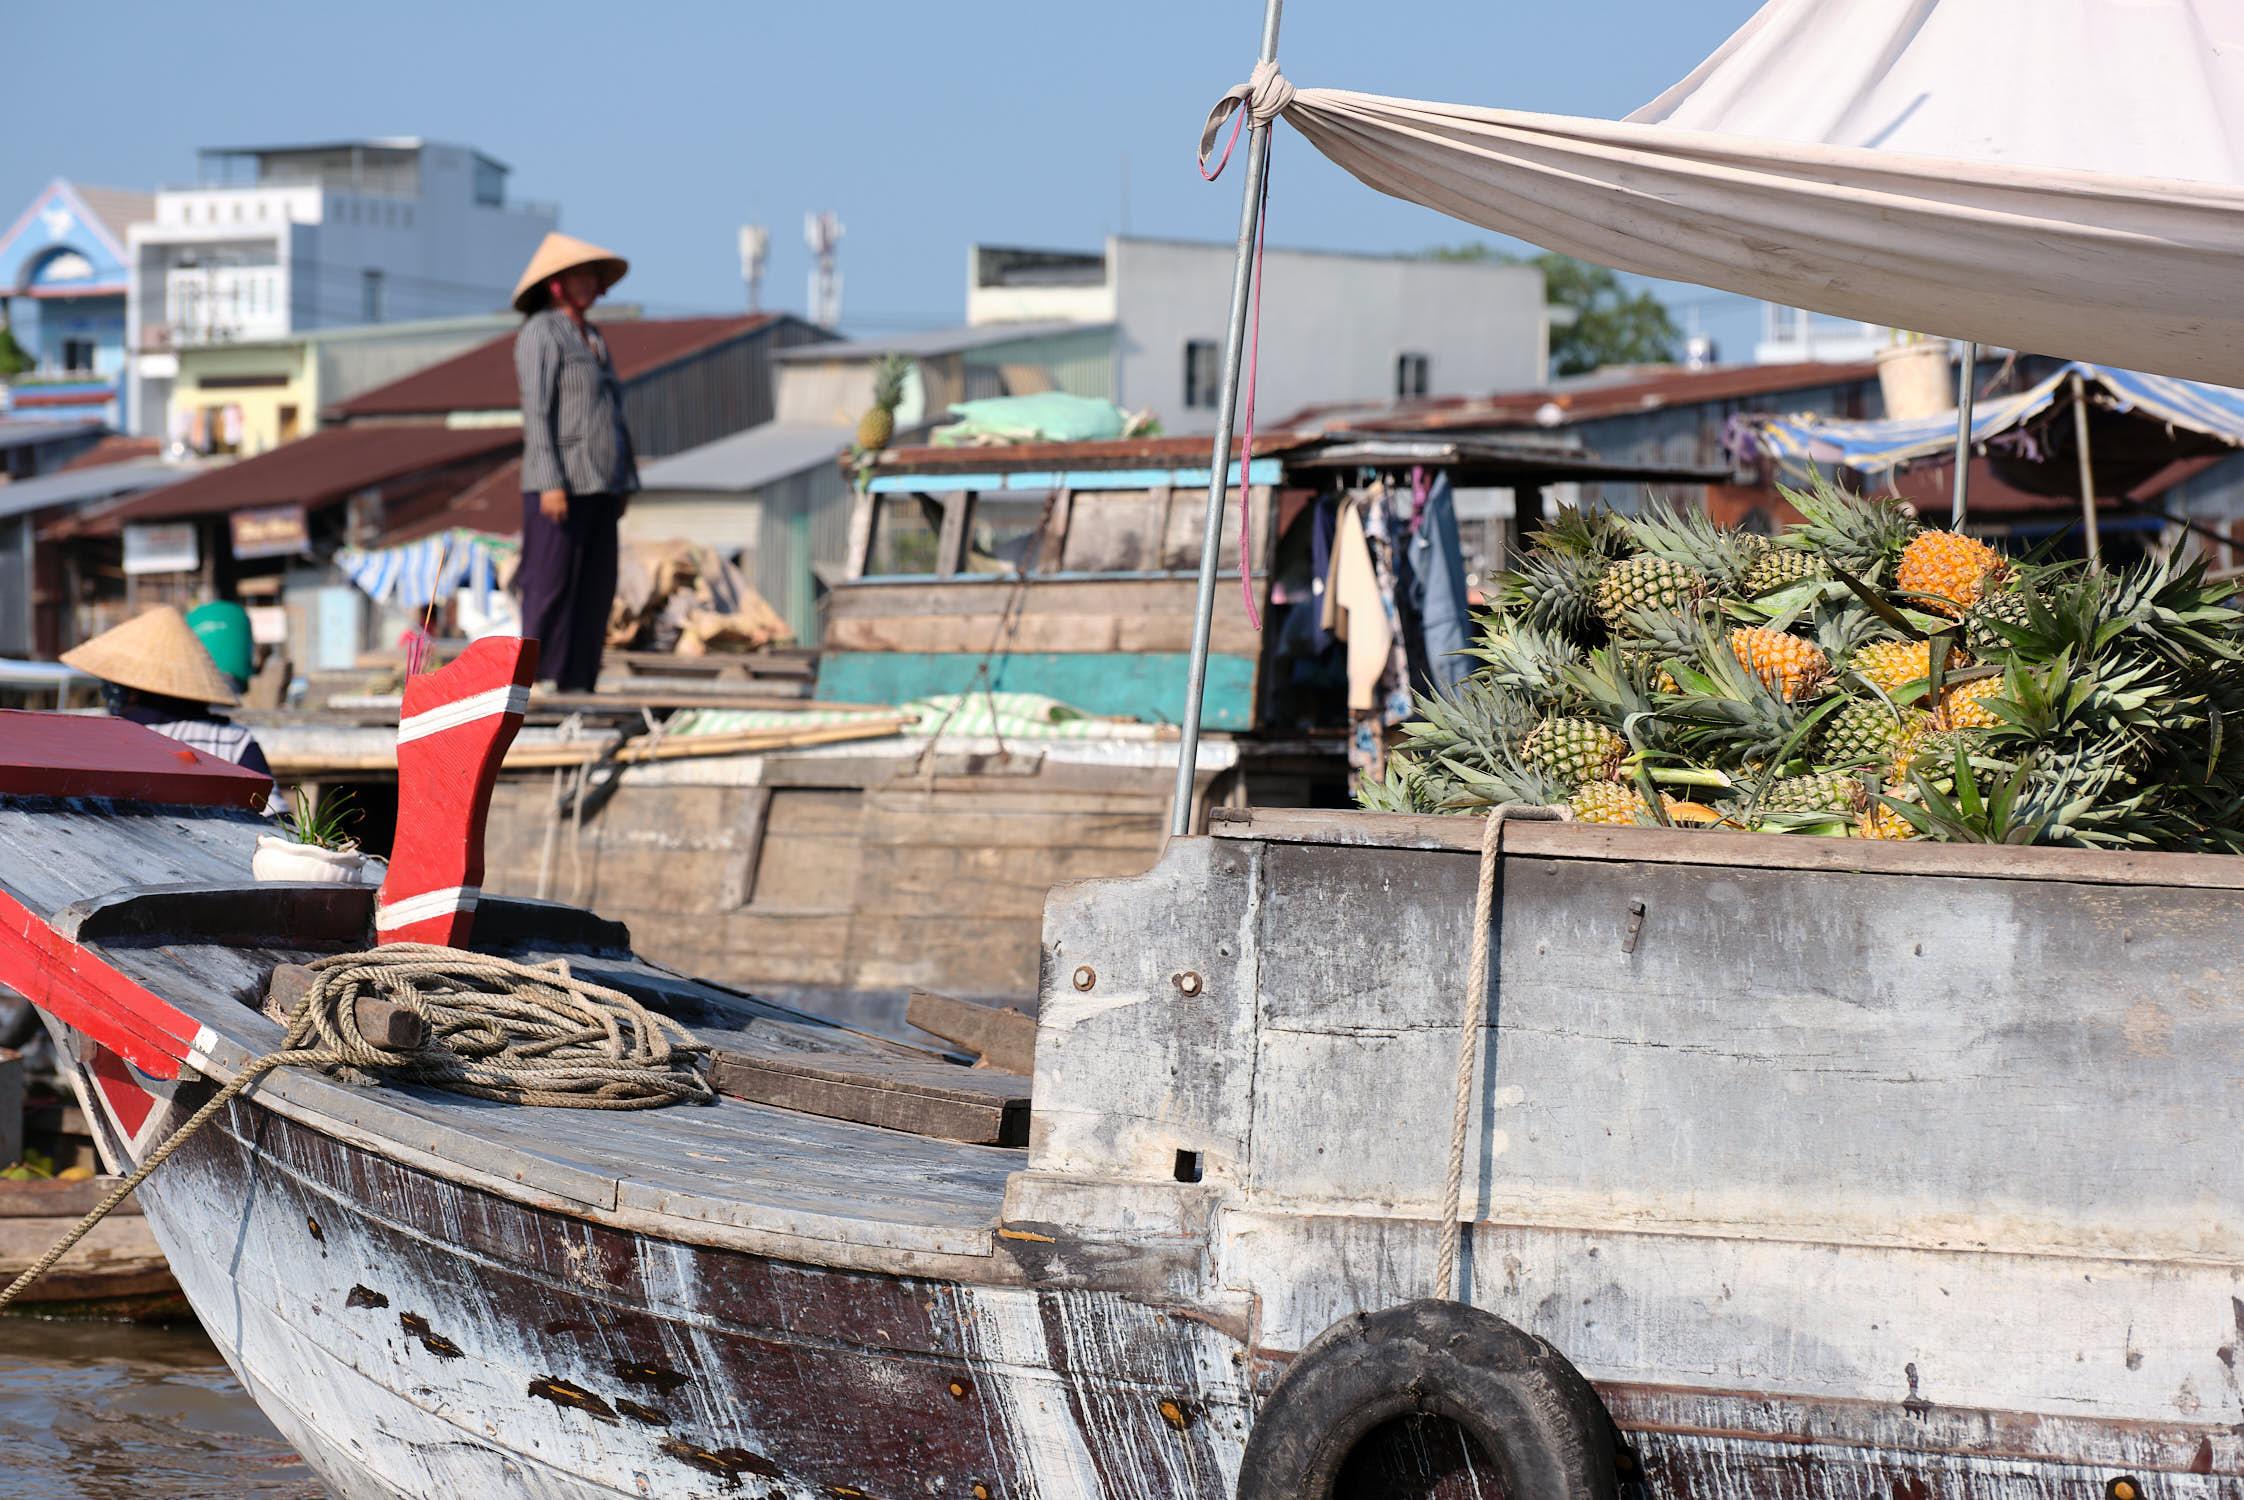 Watermelon sales at Cai Rang Floating Market